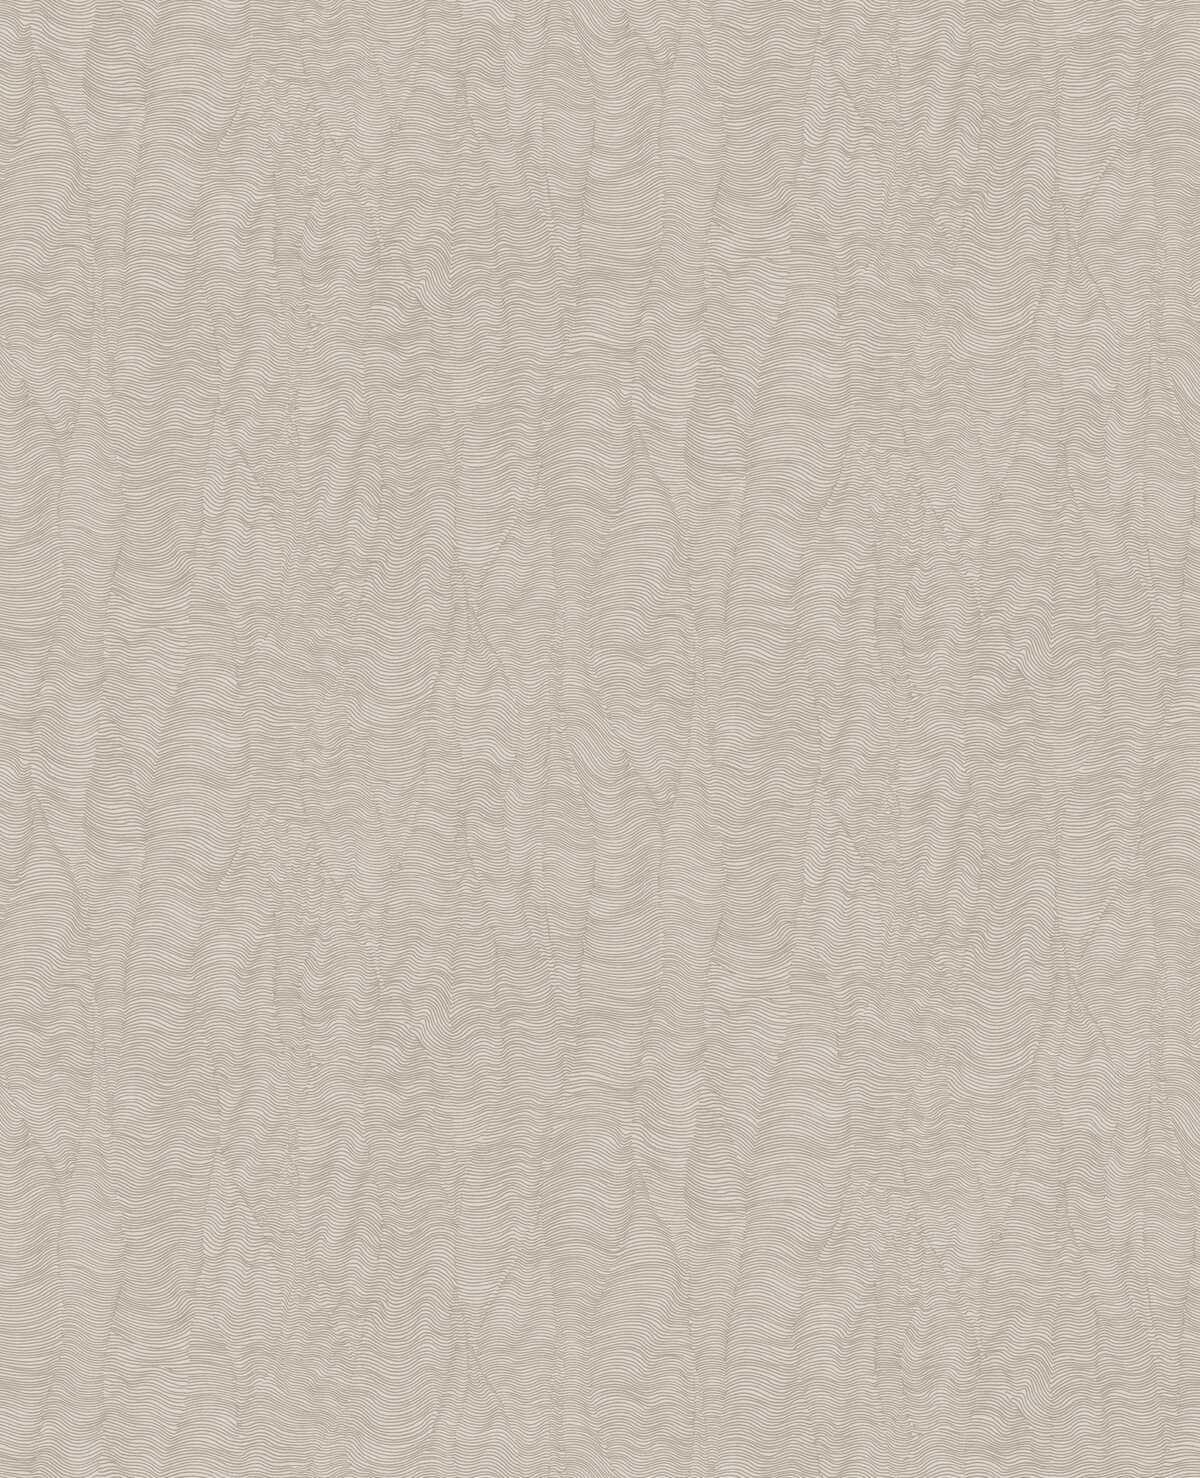 Papel de Parede Finottato Non Woven Coleção Blues Textura Café com leite, Detalhes verticais, Brilho